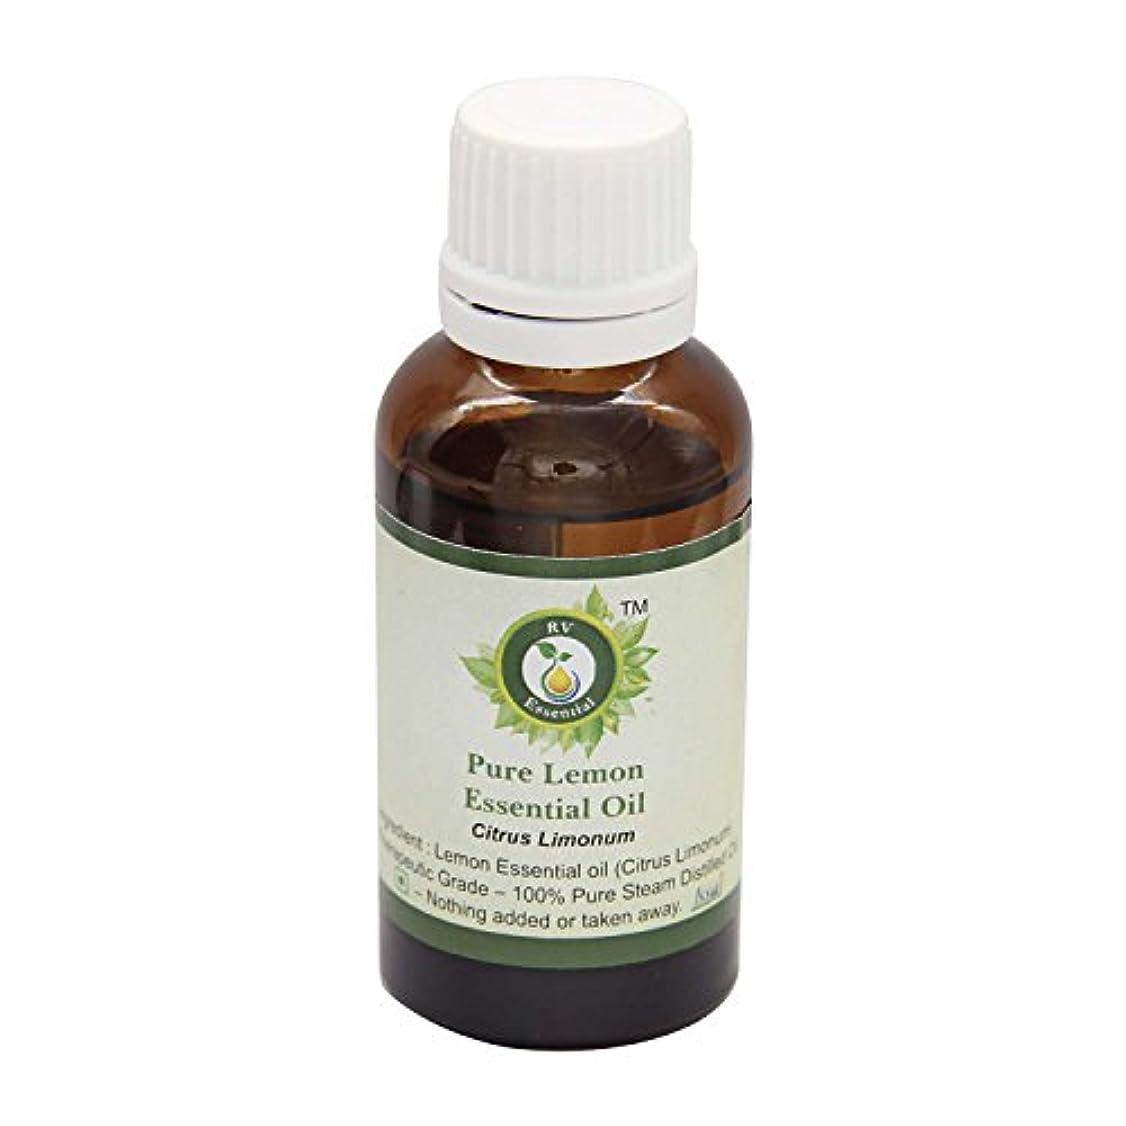 放出に対応するシダR V Essential ピュアレモンエッセンシャルオイル630ml (21oz)- Citrus Limonum (100%純粋&天然スチームDistilled) Pure Lemon Essential Oil